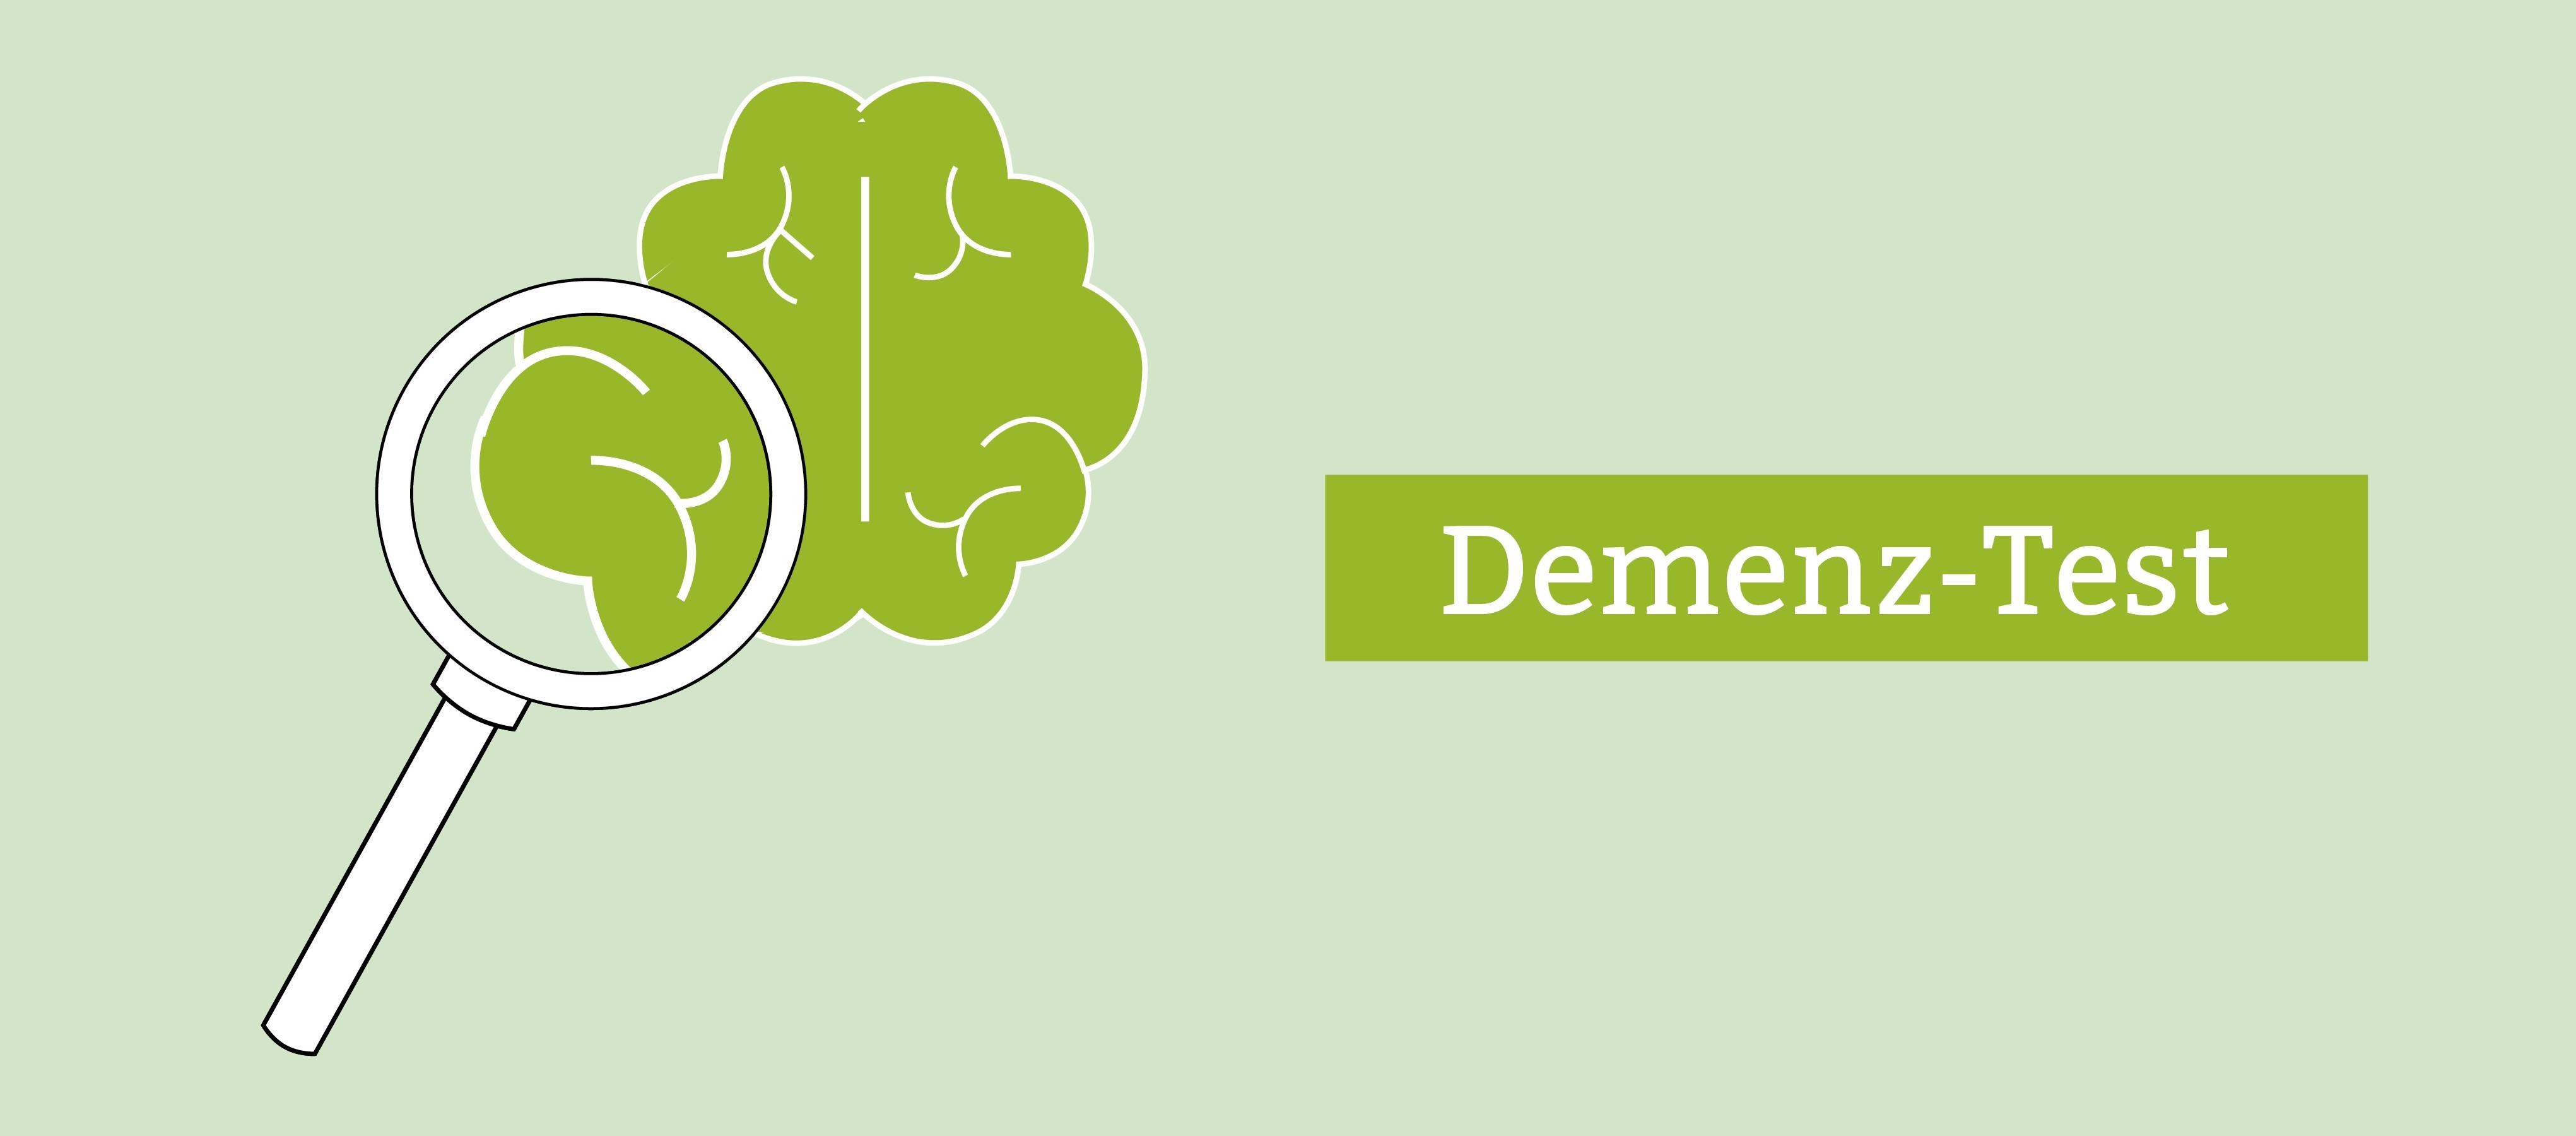 Demenz Selbsttest